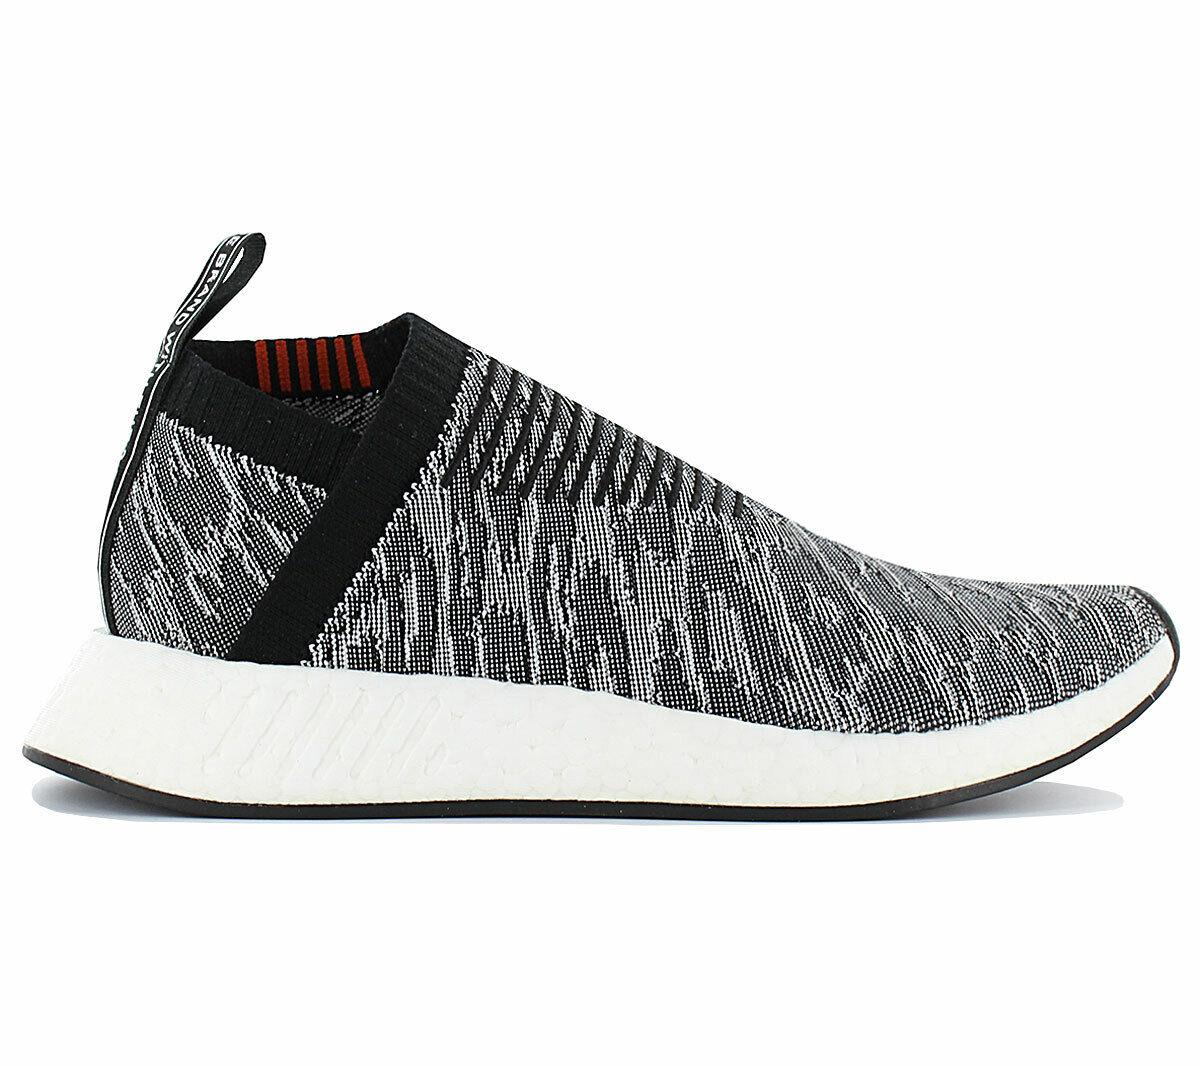 Adidas Originals NMD CS2 PK Primeknit Turnschuhe Herren Schuhe BZ0515 Turnschuhe R2